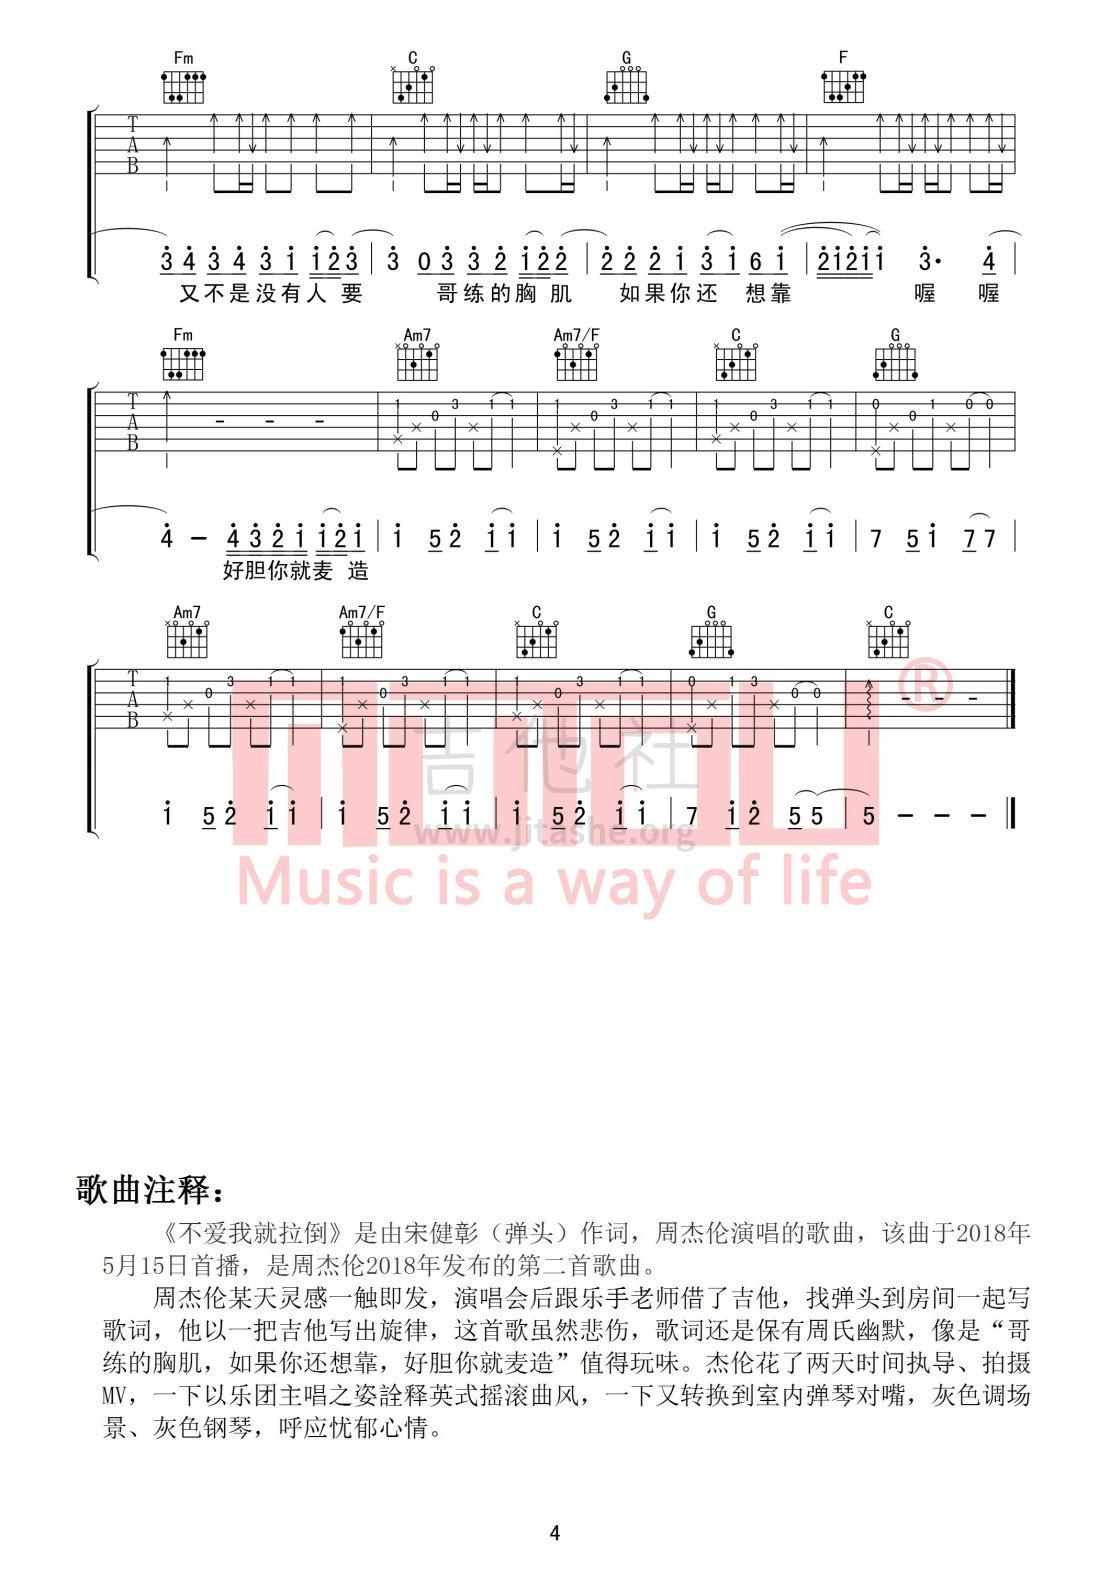 不爱我就拉倒(周杰伦最新单曲 含间奏尾奏 高度还原)吉他谱(图片谱,木头吉他屋,C调,弹唱)_周杰伦(Jay Chou)_不爱我就拉倒04.jpg